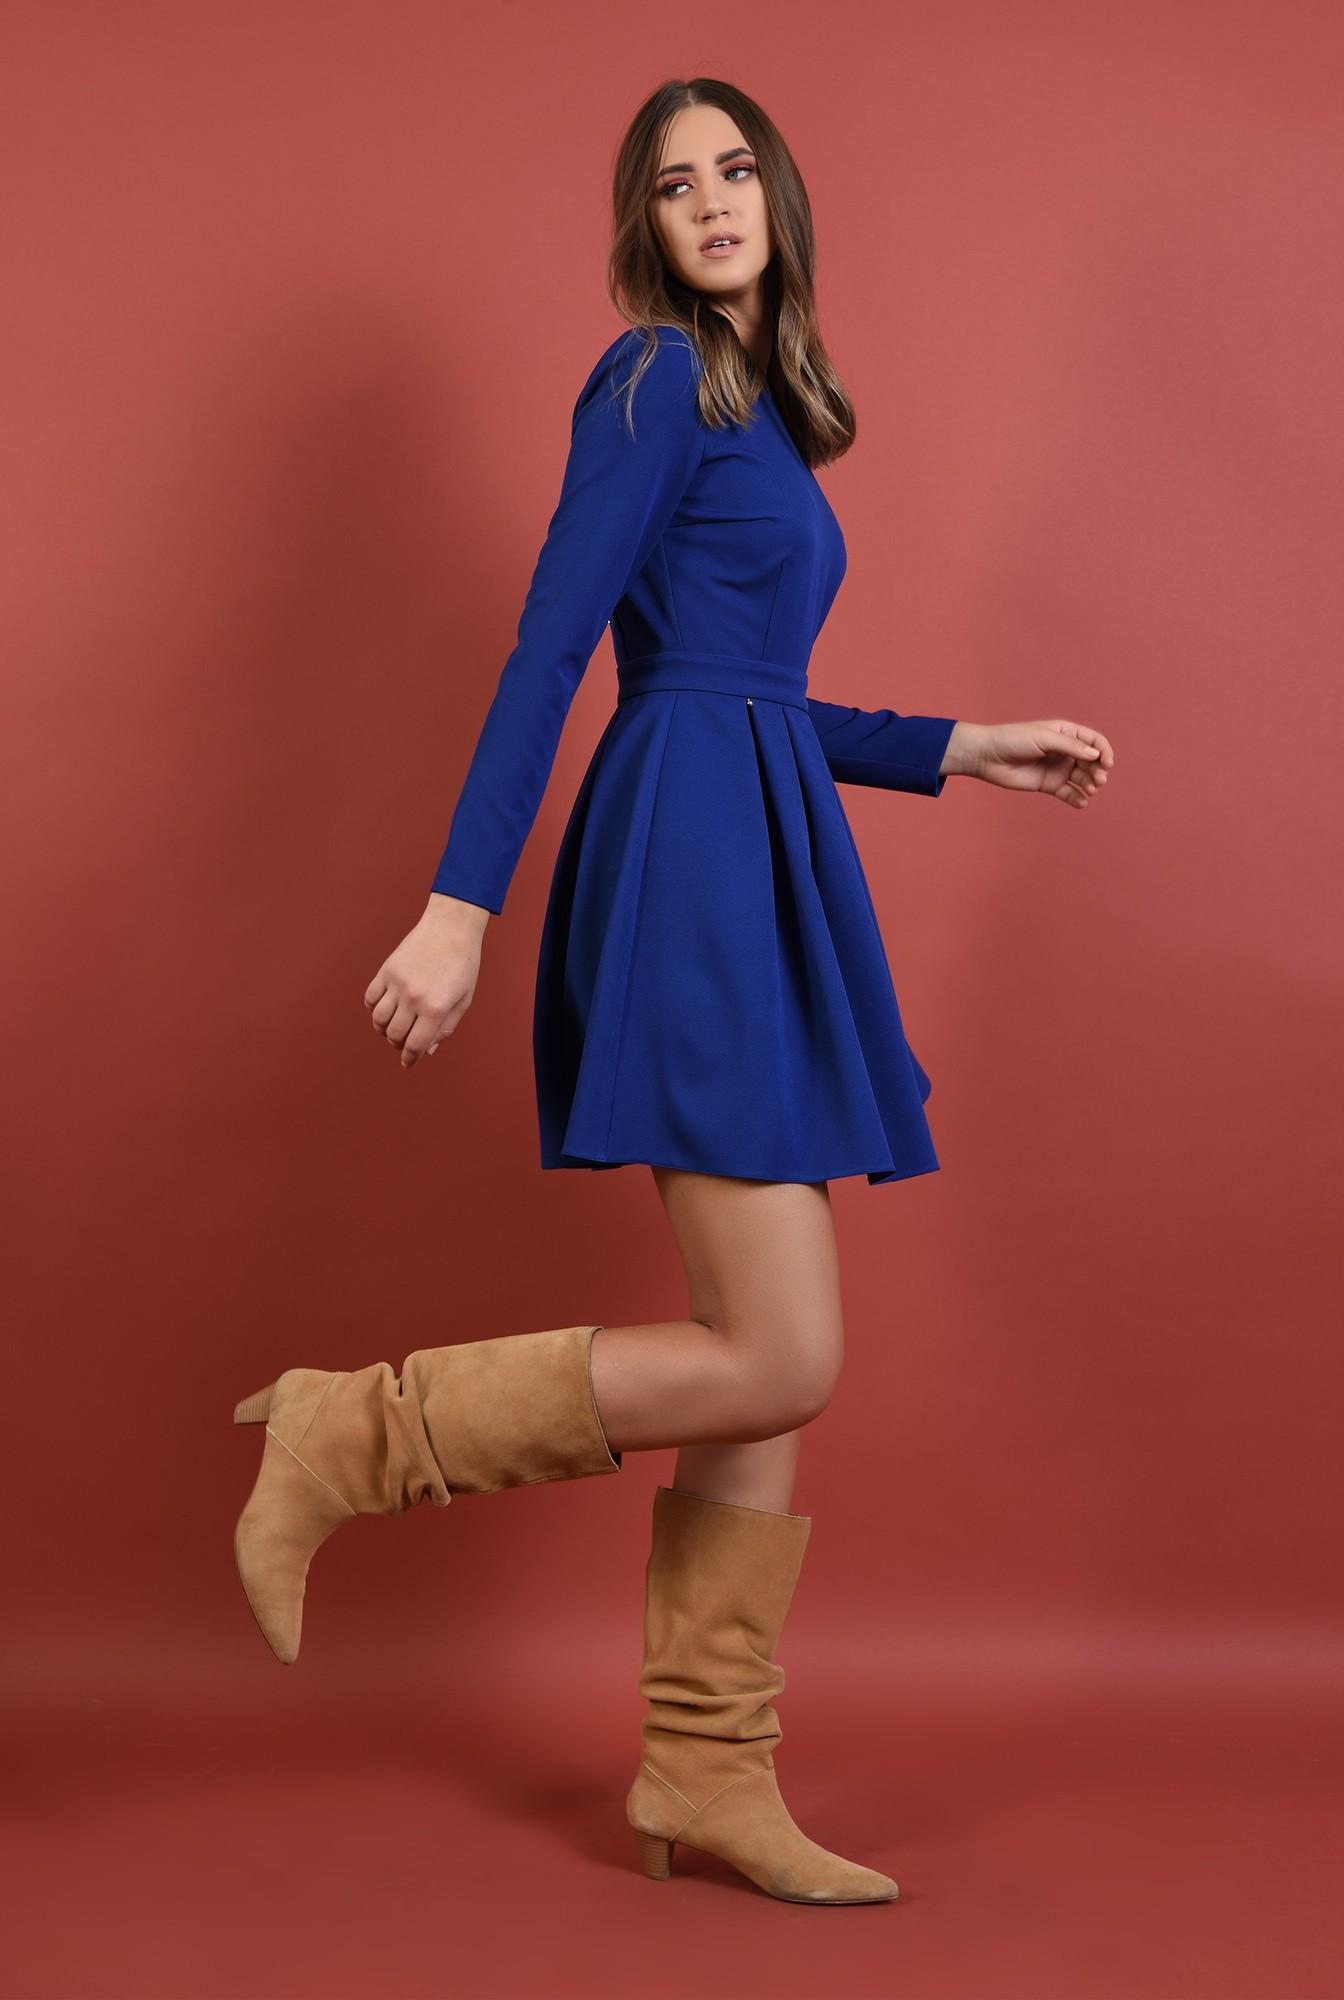 0 - 360 - rochie albastra, cu pliuri, nasturi aurii la spate, croi evazat, Poema